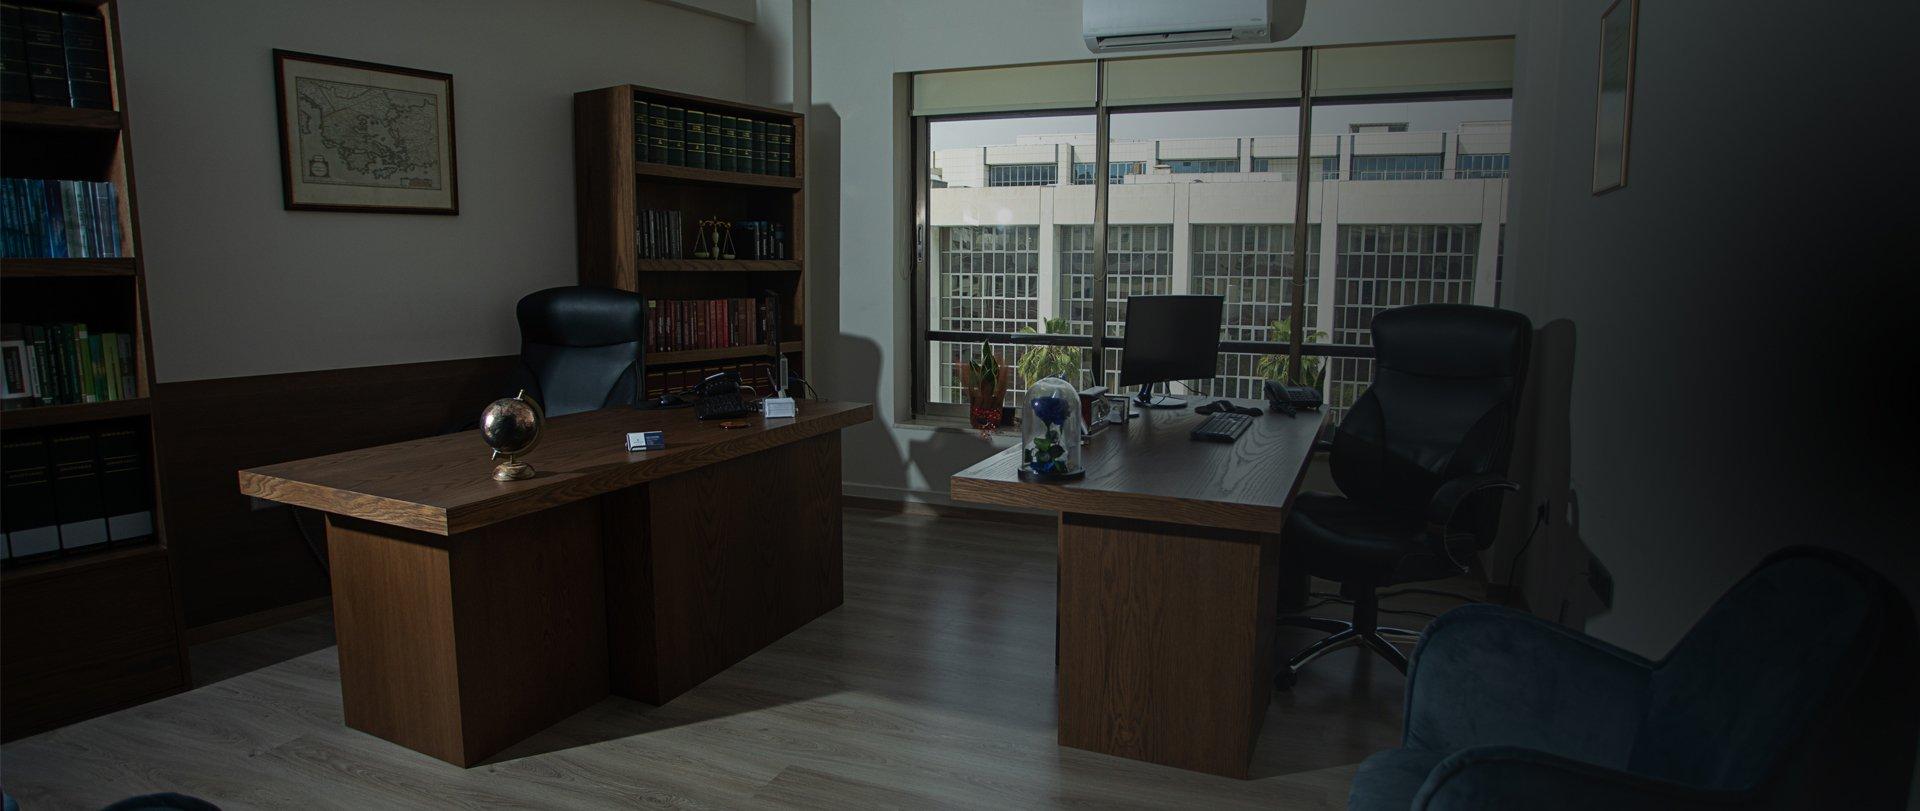 Δικηγορικό Γραφείο Αθήνα - Χρονόπουλος και συνεργάτες